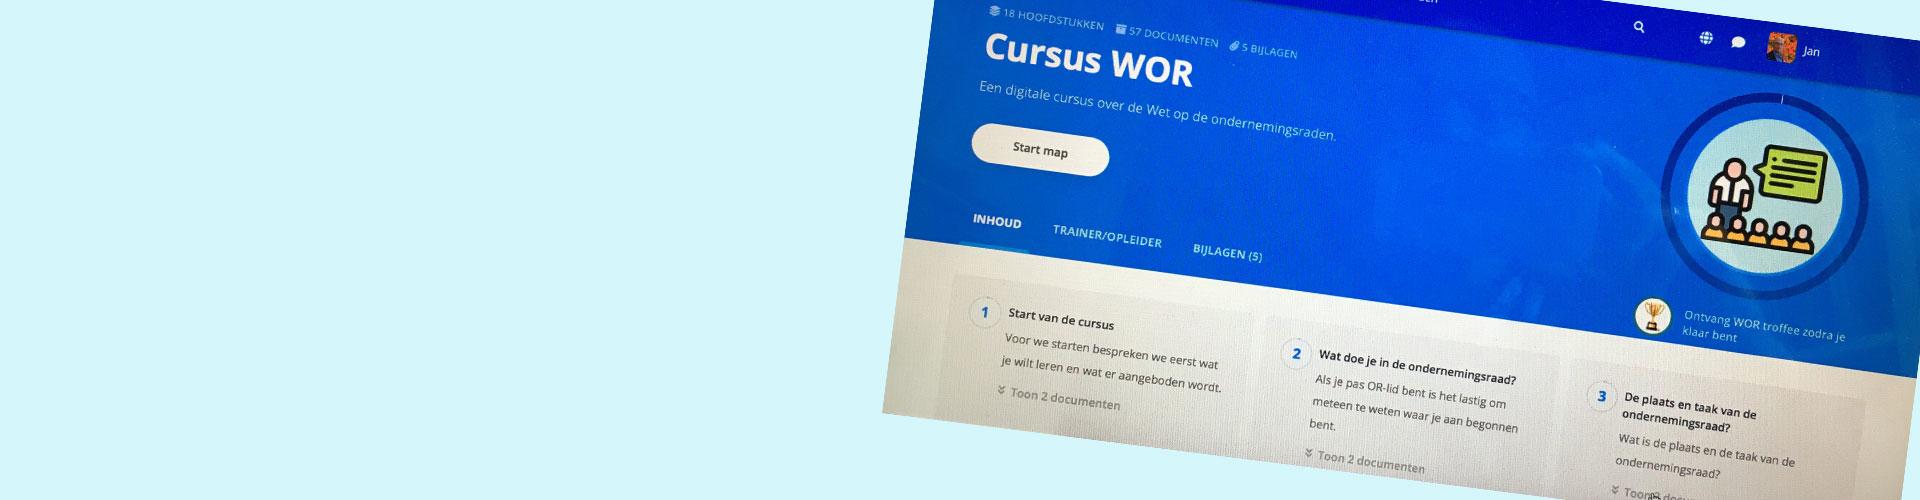 online training wet op de ondernemingsraden